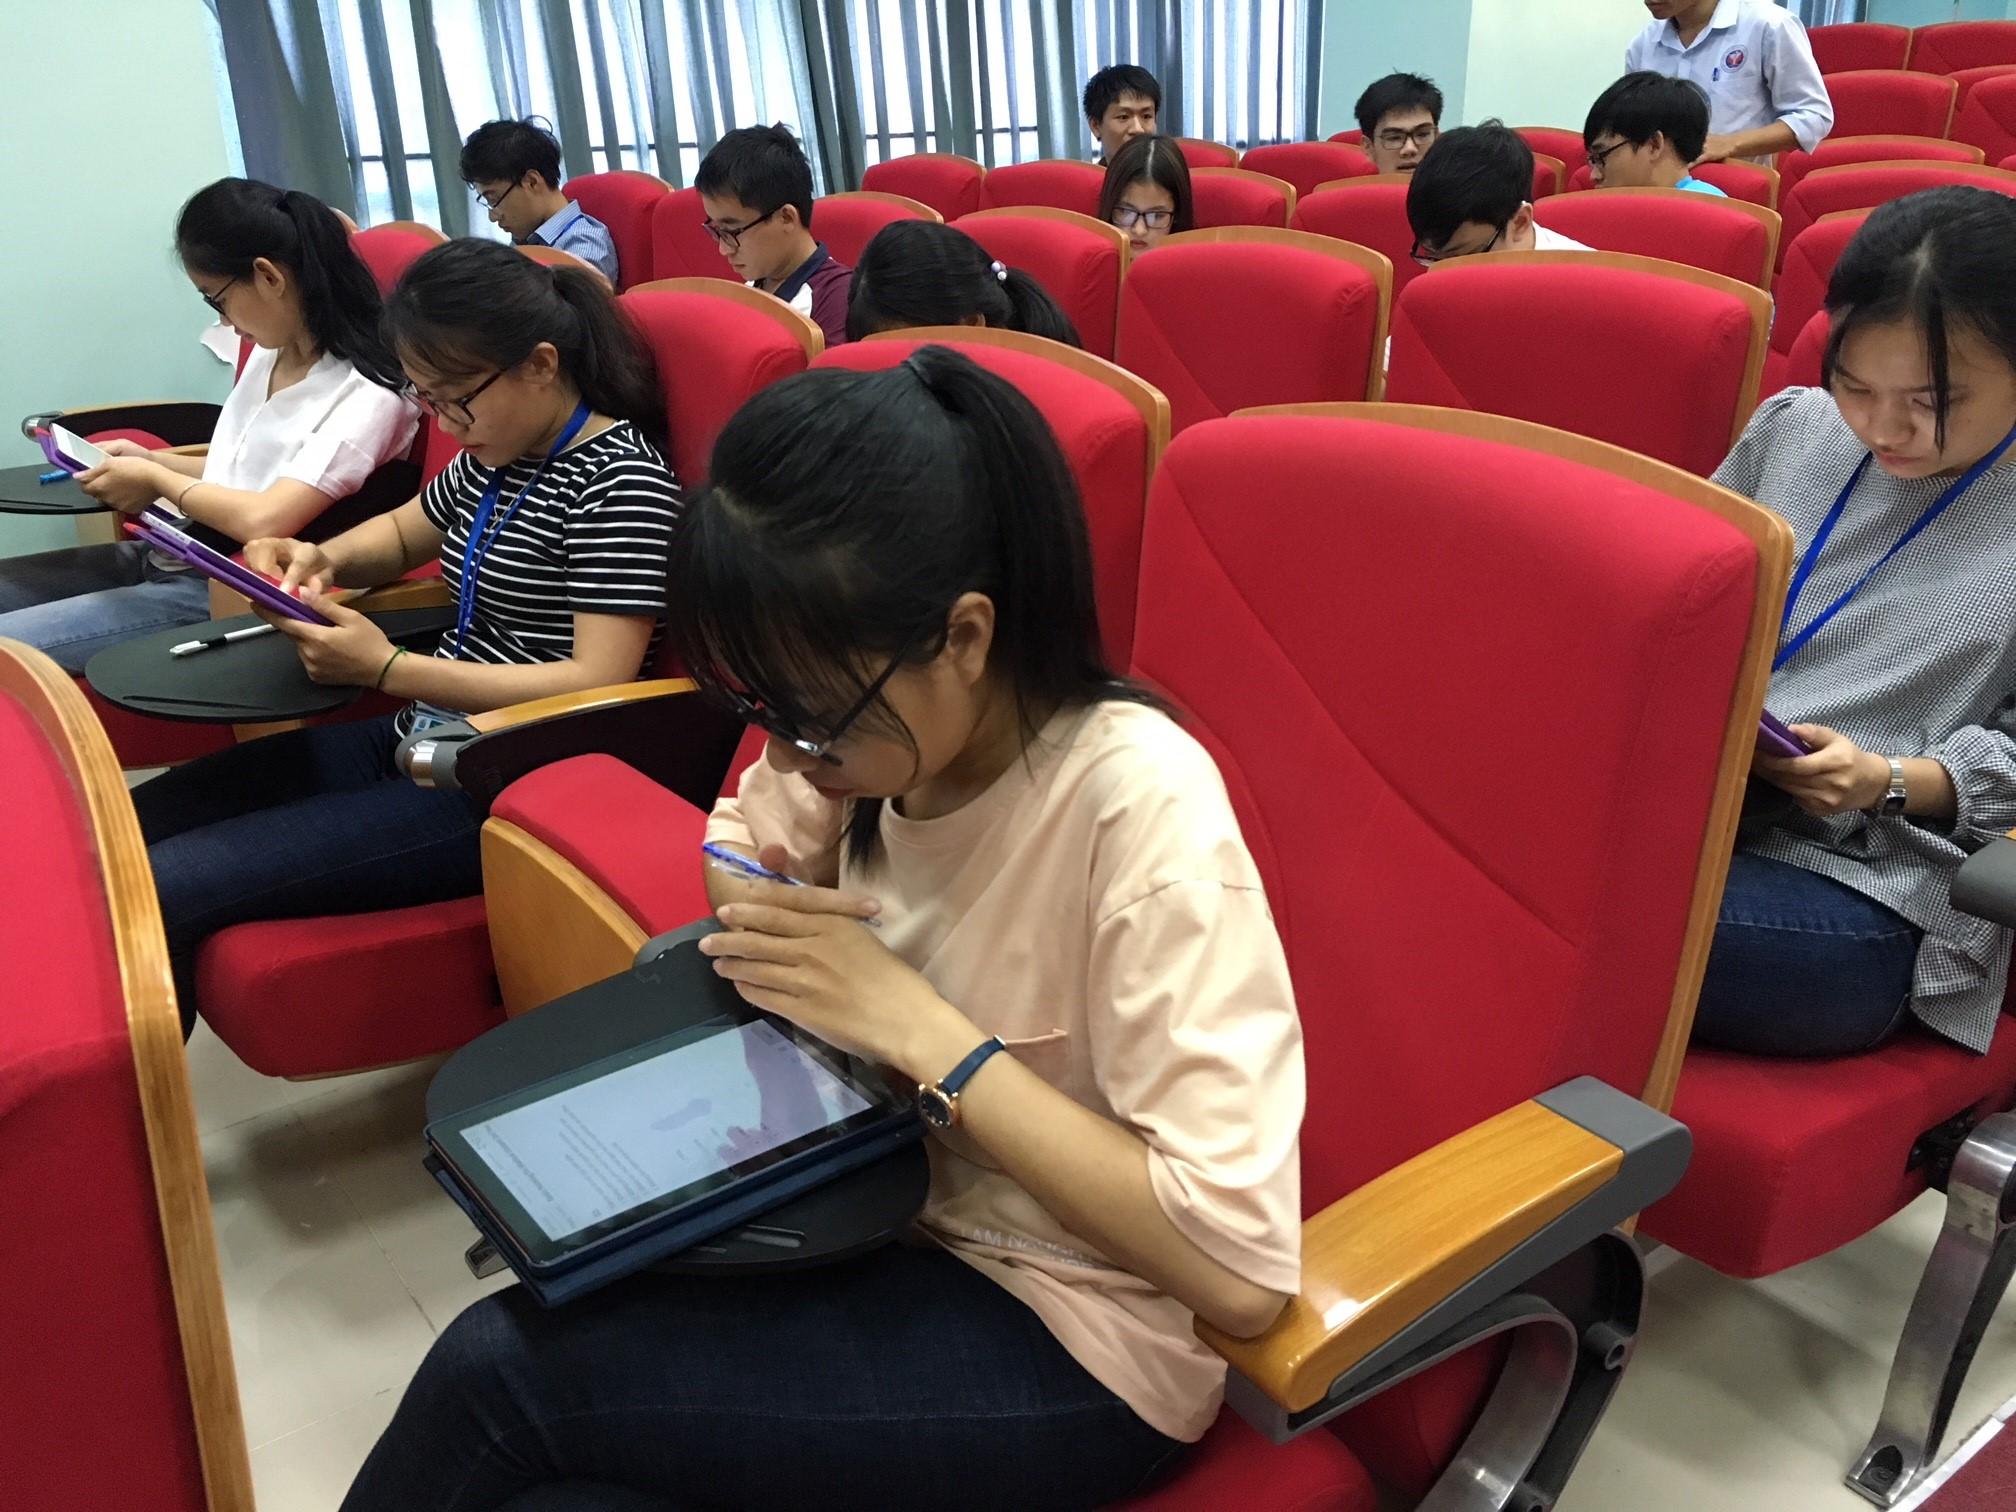 Trường Đại học Y Dược Huế tổ chức triển khai thí điểm công nghệ UBT trong kiểm tra, đánh giá sinh viên